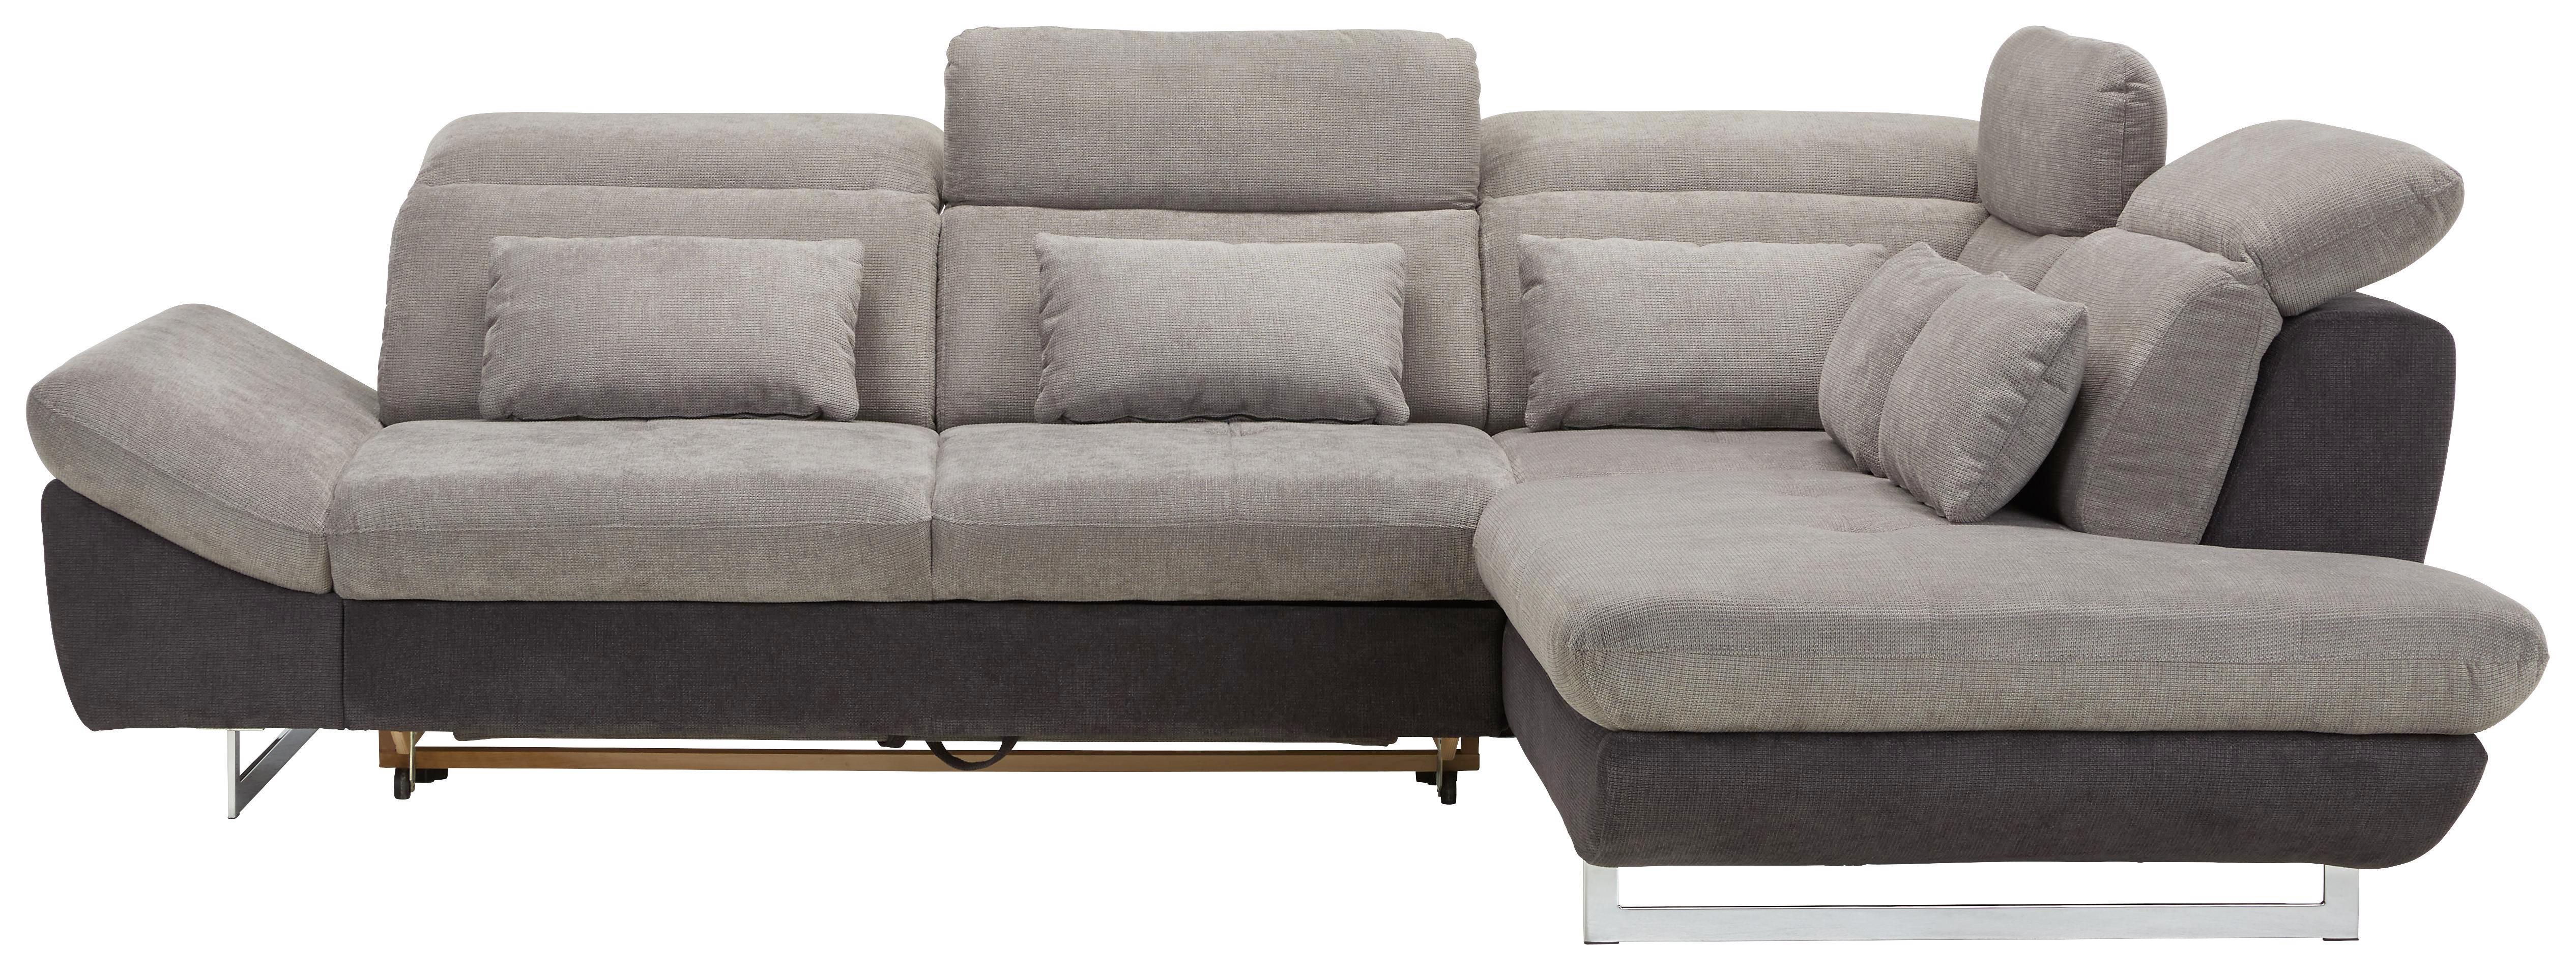 Bemerkenswert Couch Dunkelgrau Das Beste Von